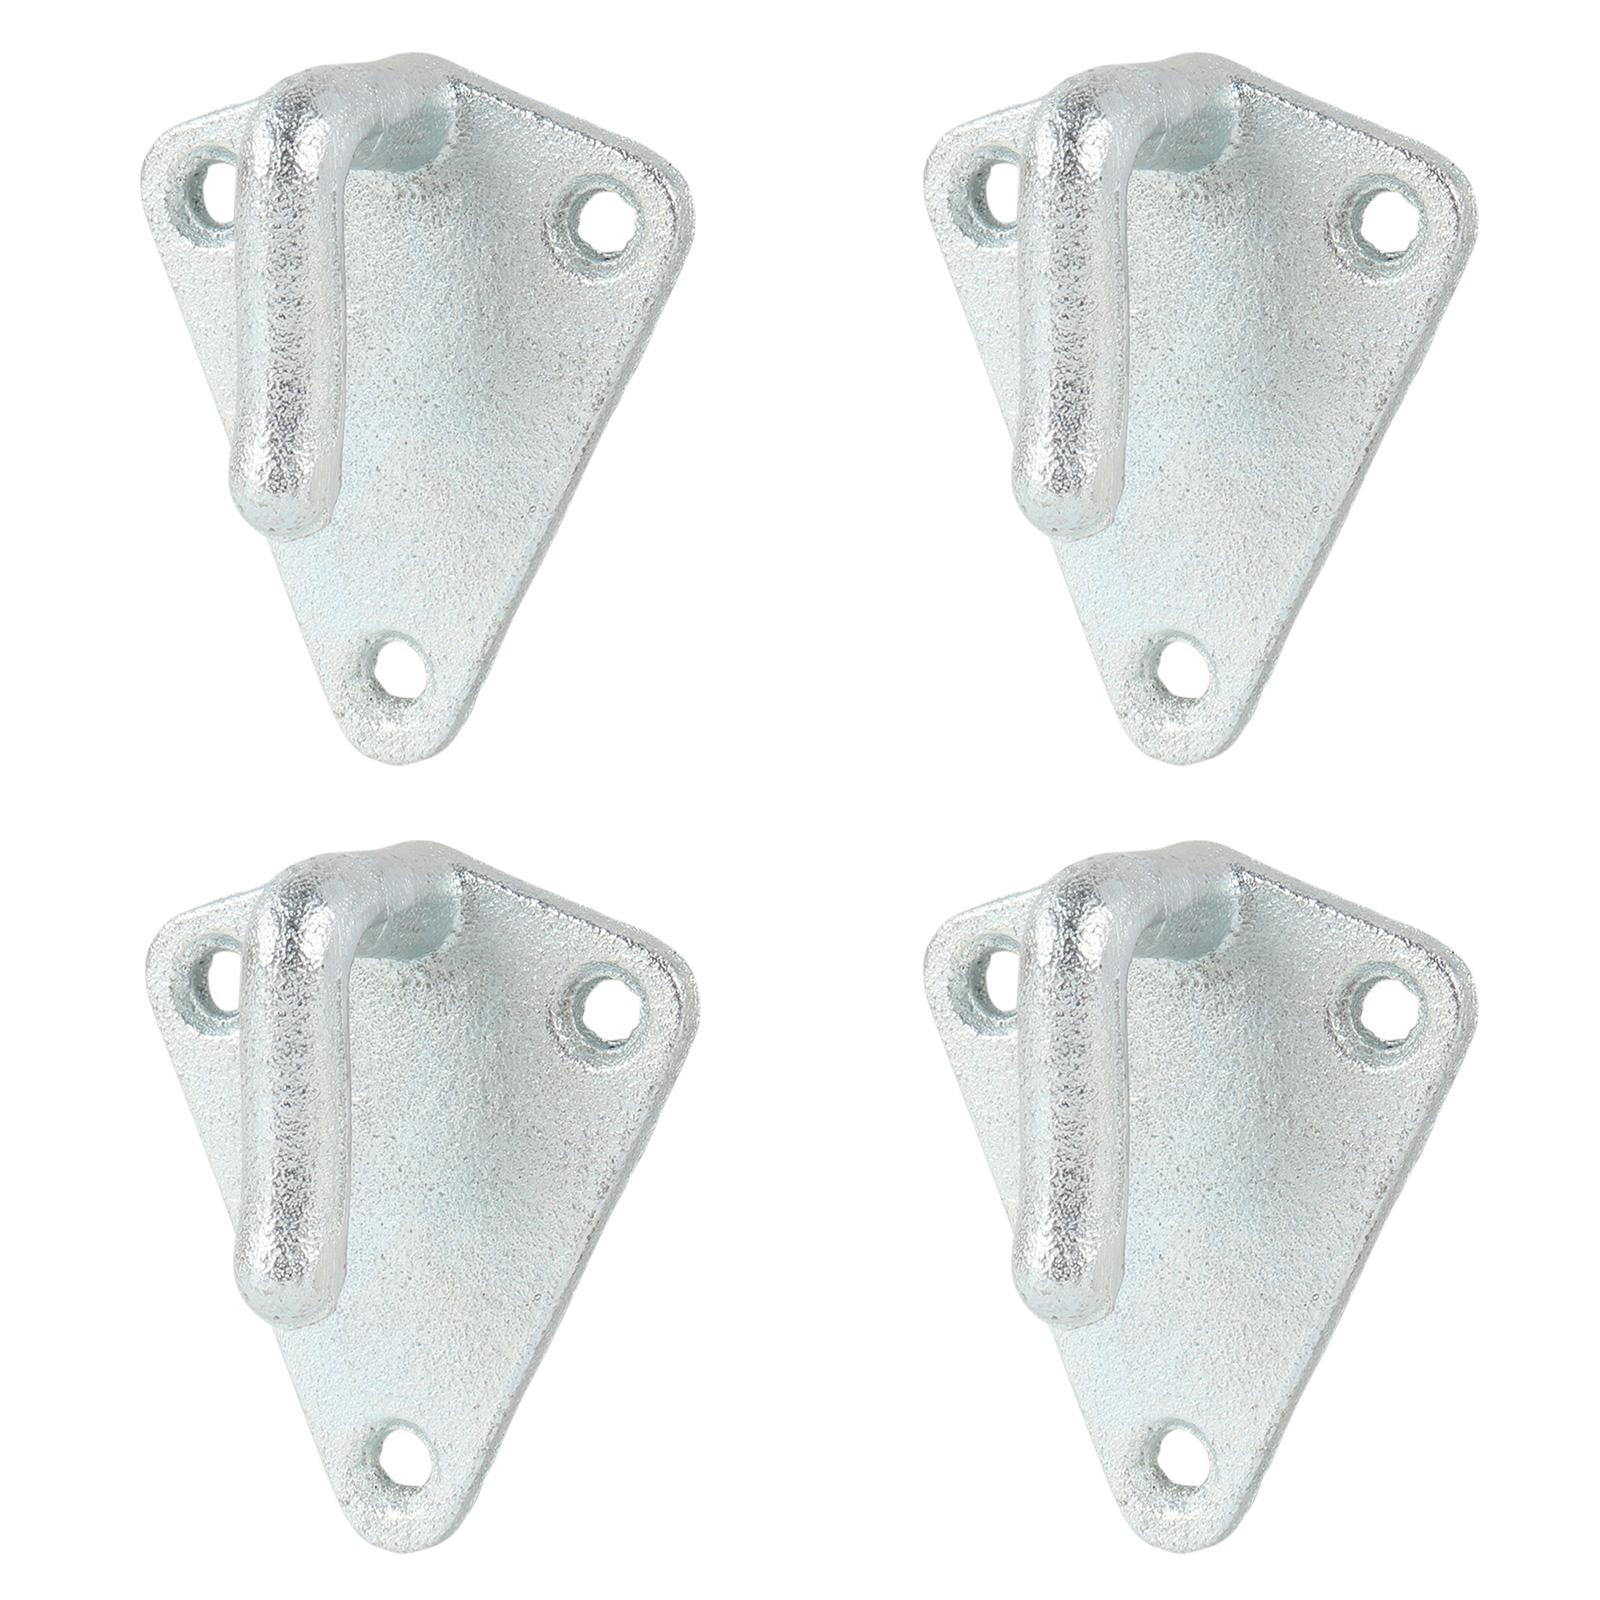 4x Planenhaken Metall mit Öse 40x45mm Dreieck Stahl verzinkt Netz Haken Anhänger